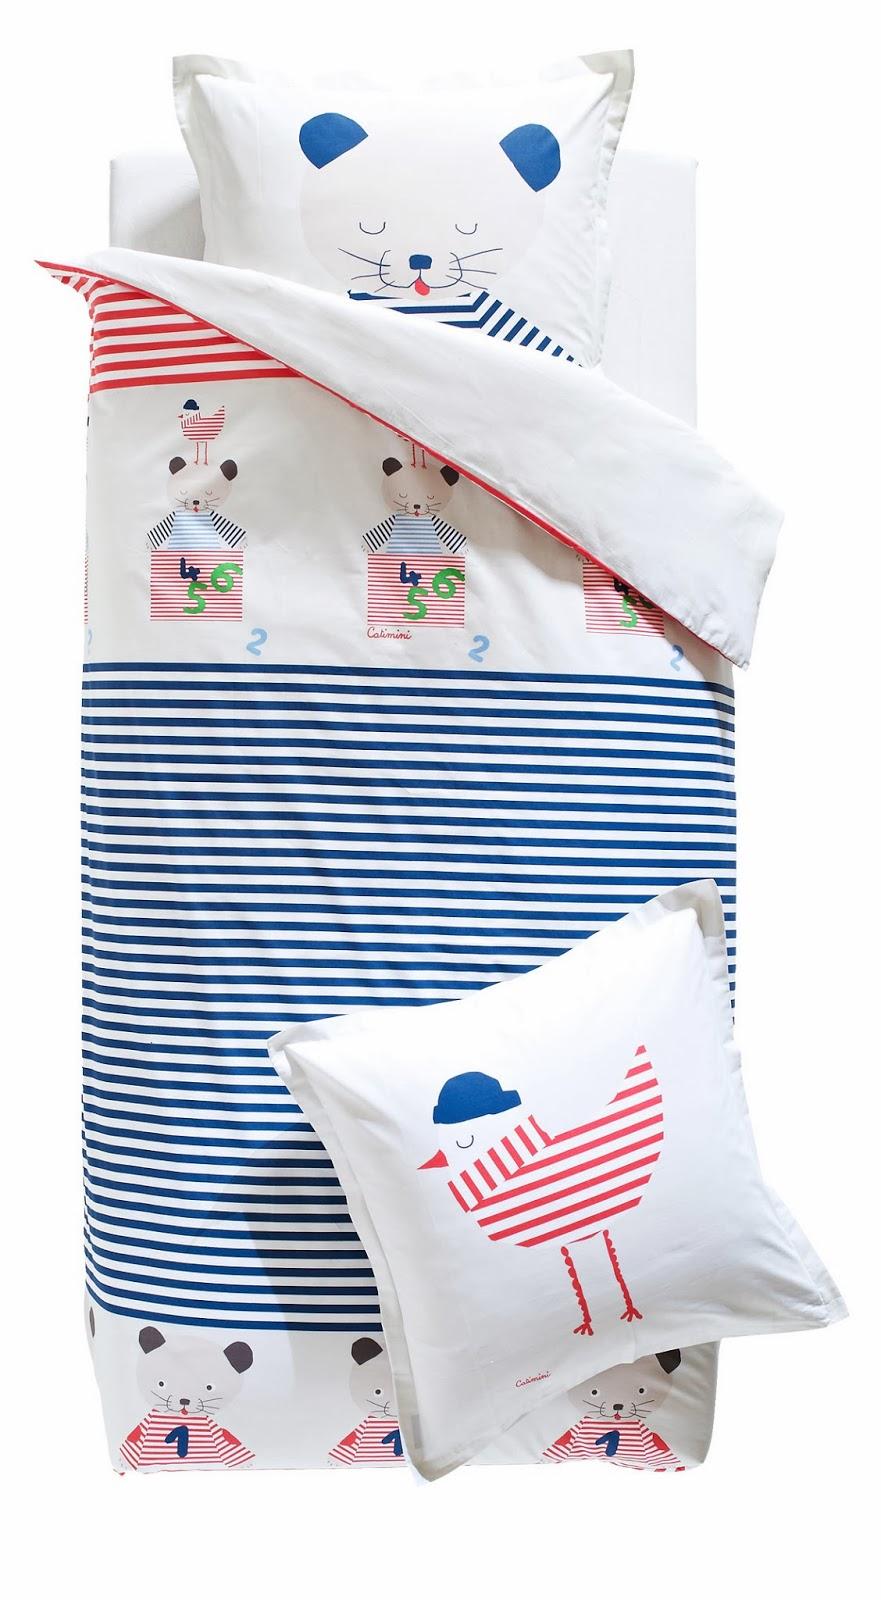 Destockage linge de lit marque simple linge de lit le fil charline destockage linge pas cher for Linge de lit de marque en soldes